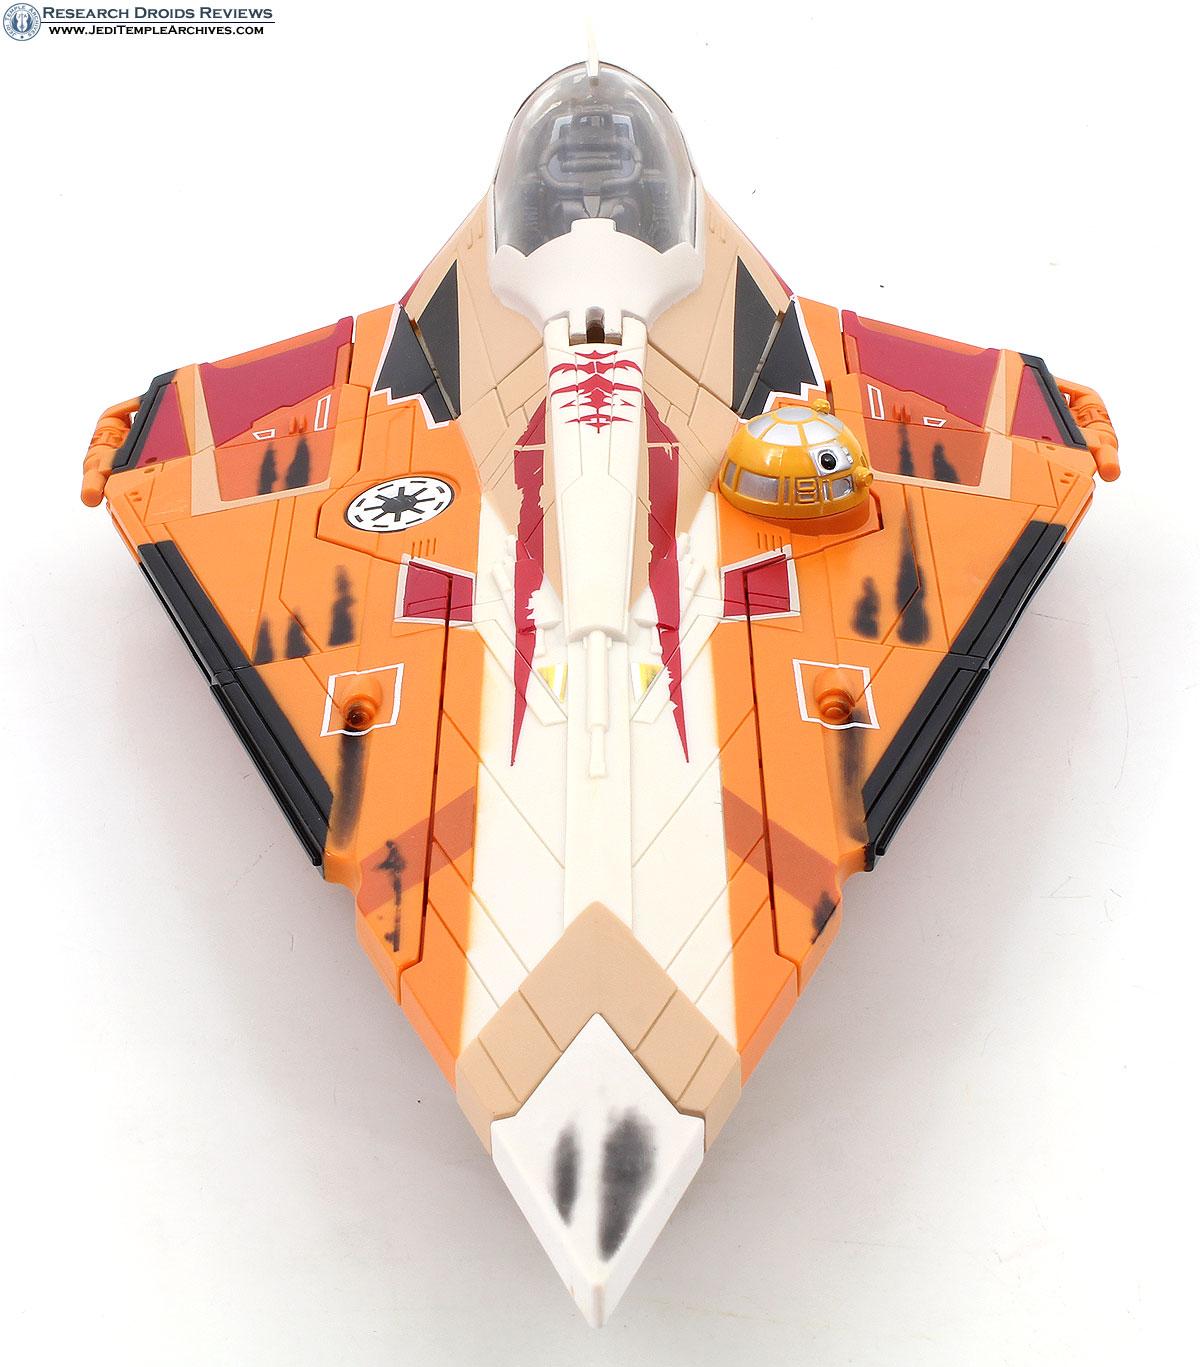 Saesee Tiin's Jedi Starfighter -